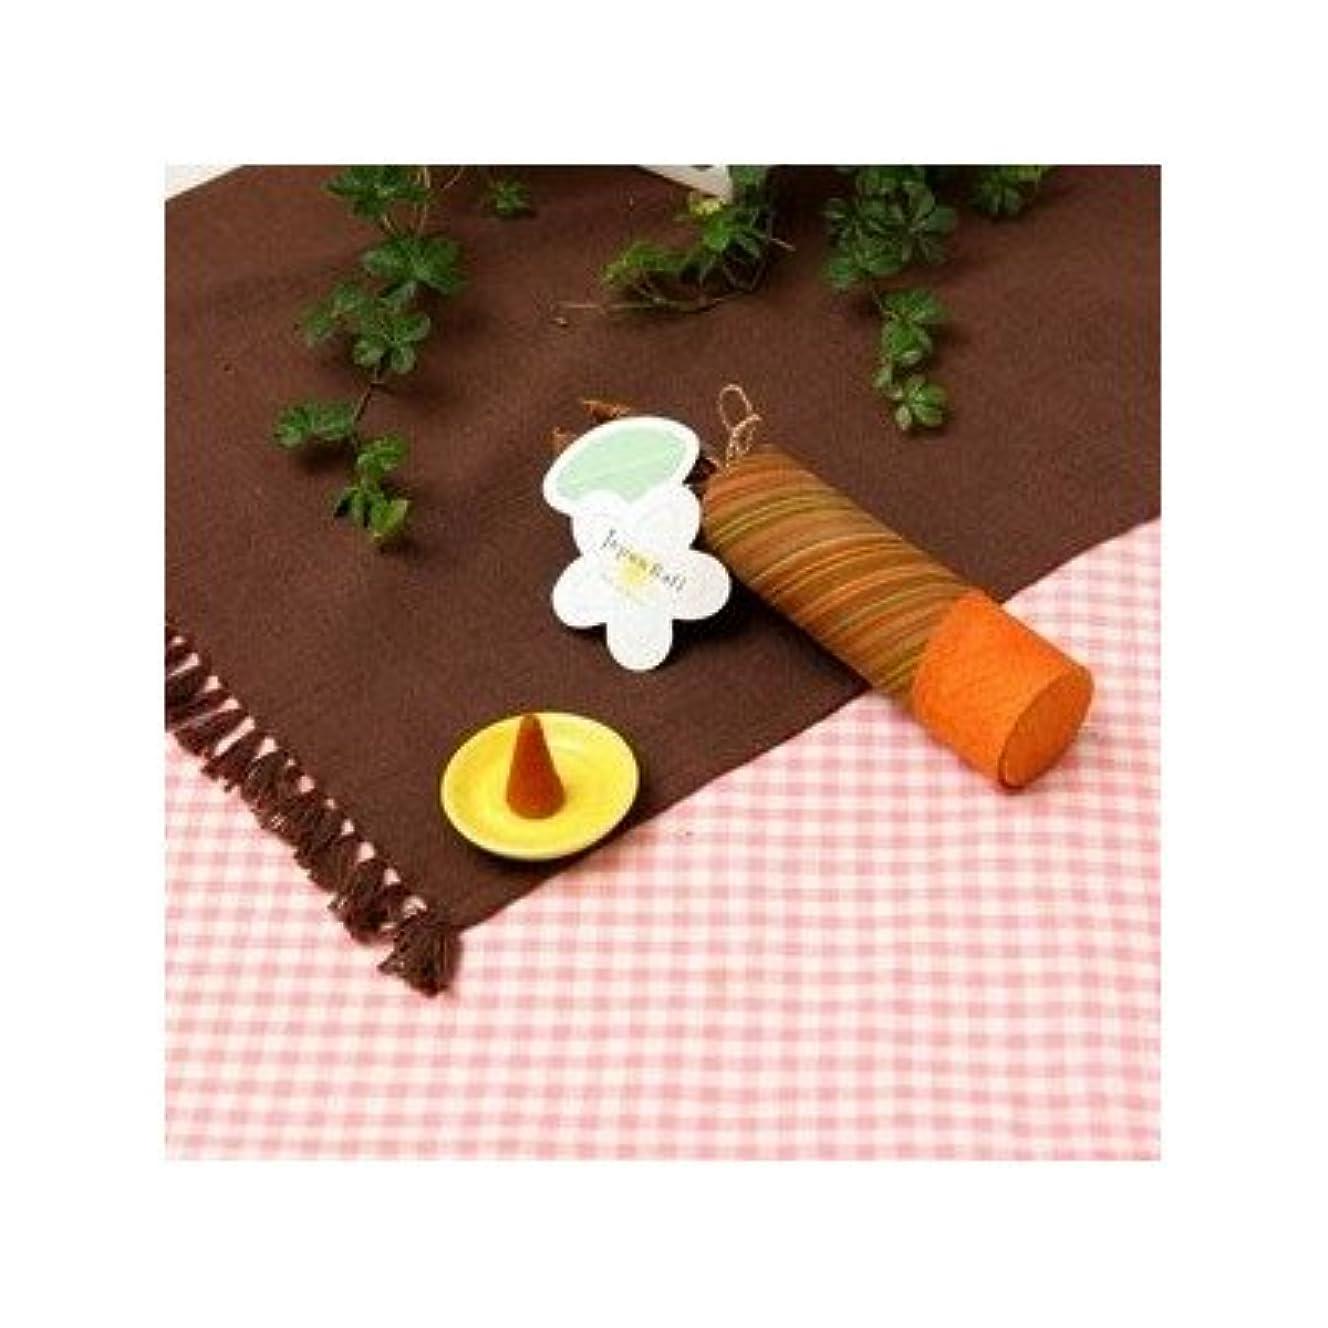 お香/インセンス 〔ホワイトローズの香り コーンタイプ10個入り〕 バリ島製 「Jupen Bari/ジュプンバリ」[通販用梱包品]